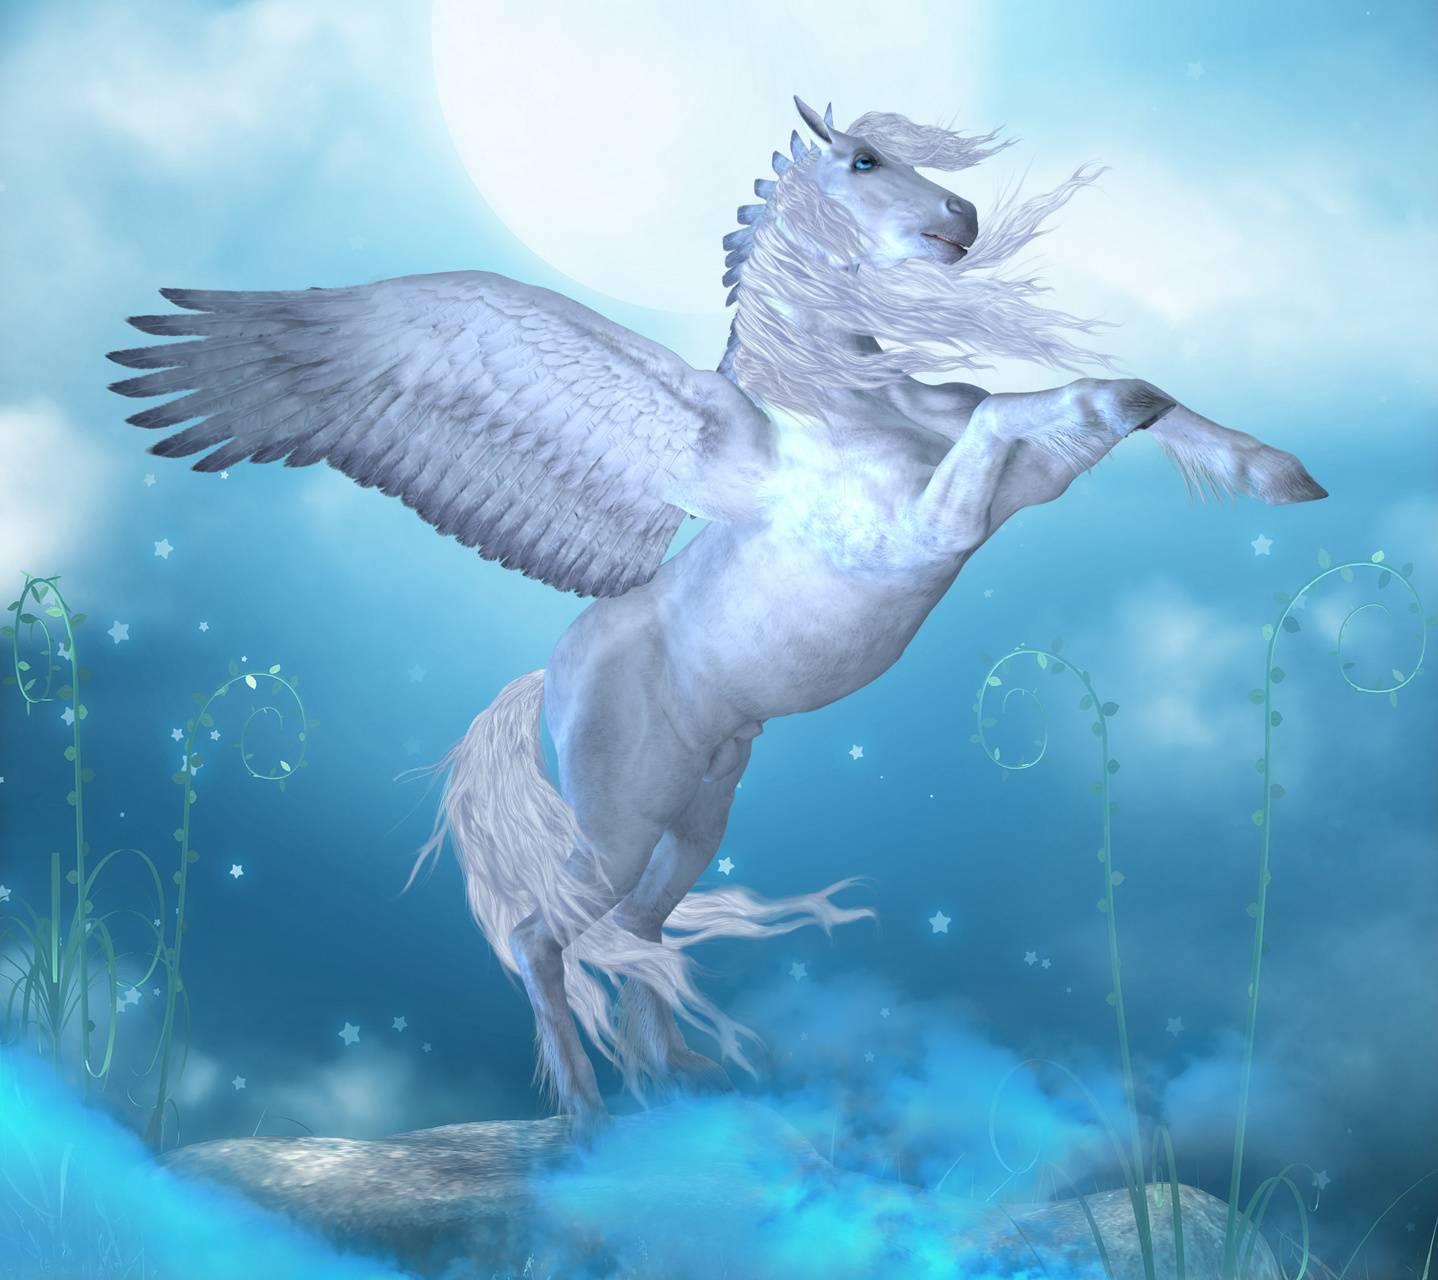 Magical Moonlit Nigh